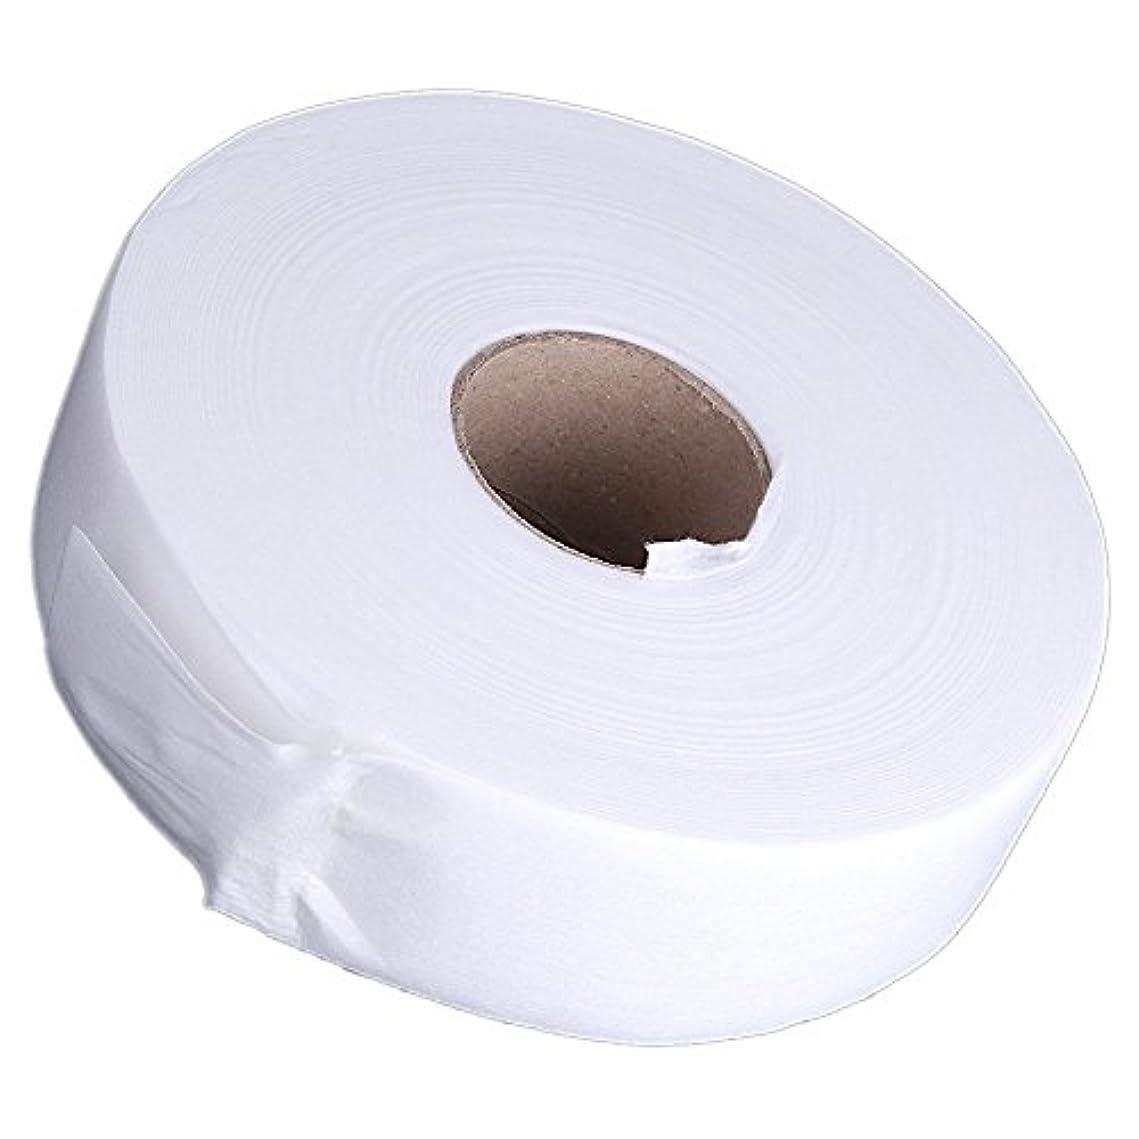 雪だるま探す知覚的ACAMPTAR 100ヤードの脱毛紙脱毛ワックスストリップ 不織布ペーパーワックスロール(白)